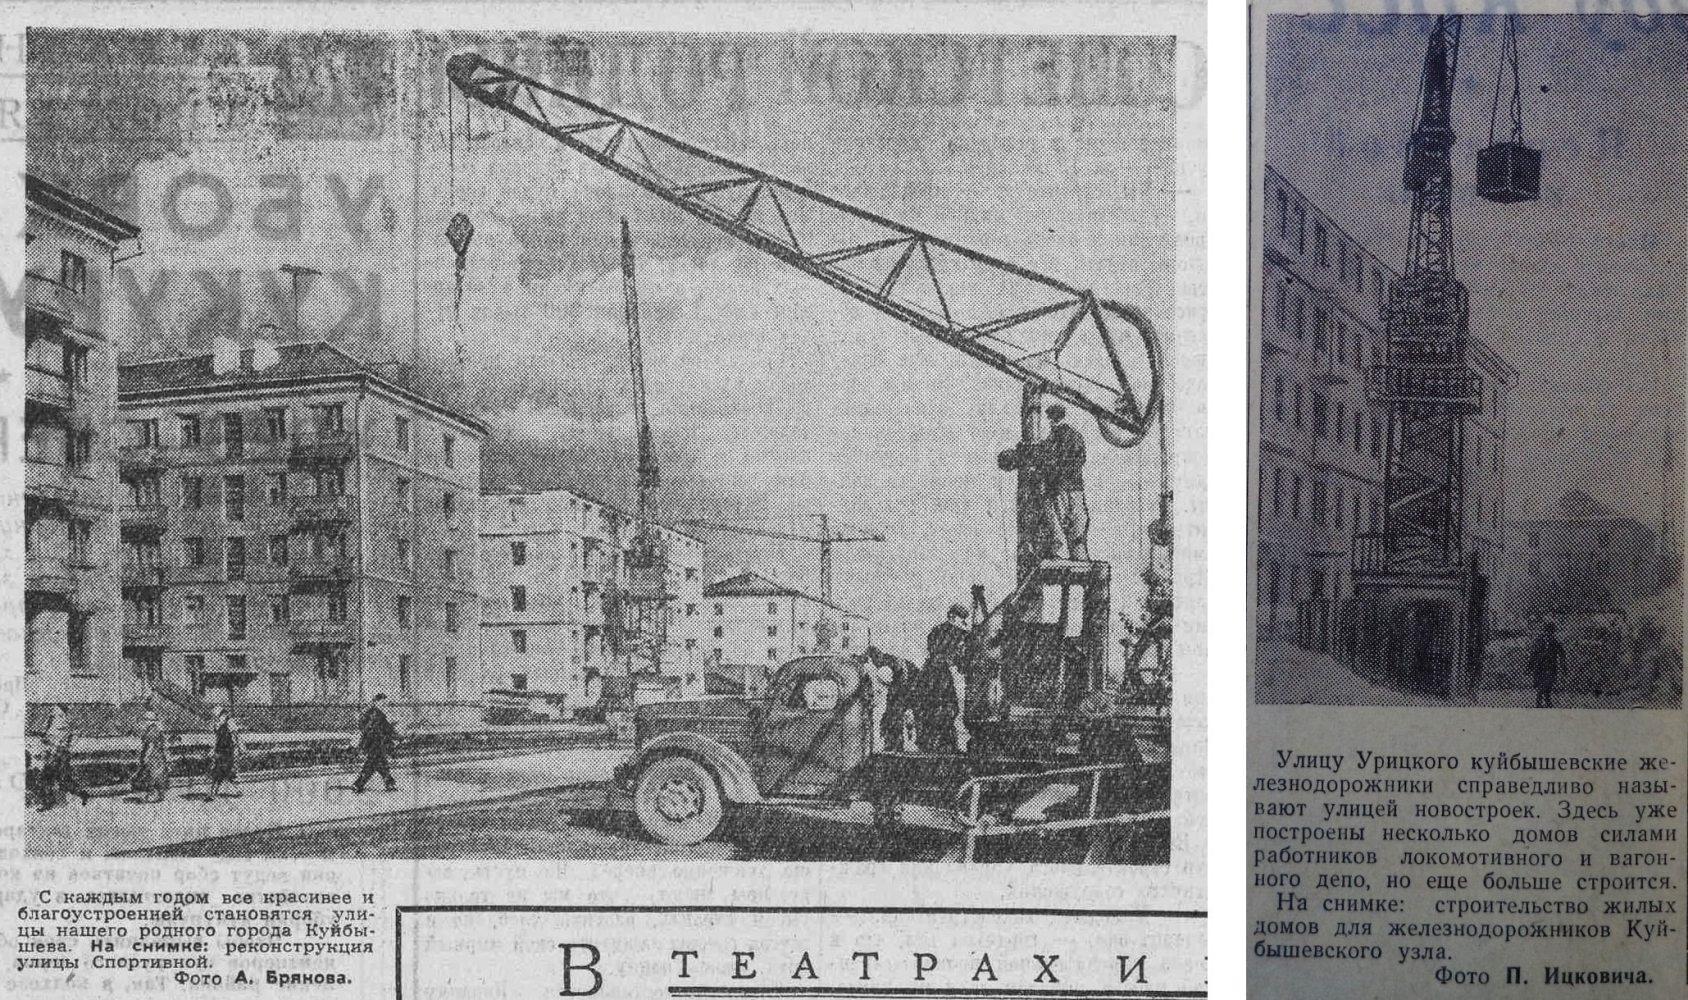 Урицкого-ФОТО-60-ВКа-1961-09-12-реконстр. ул. Спорт-min